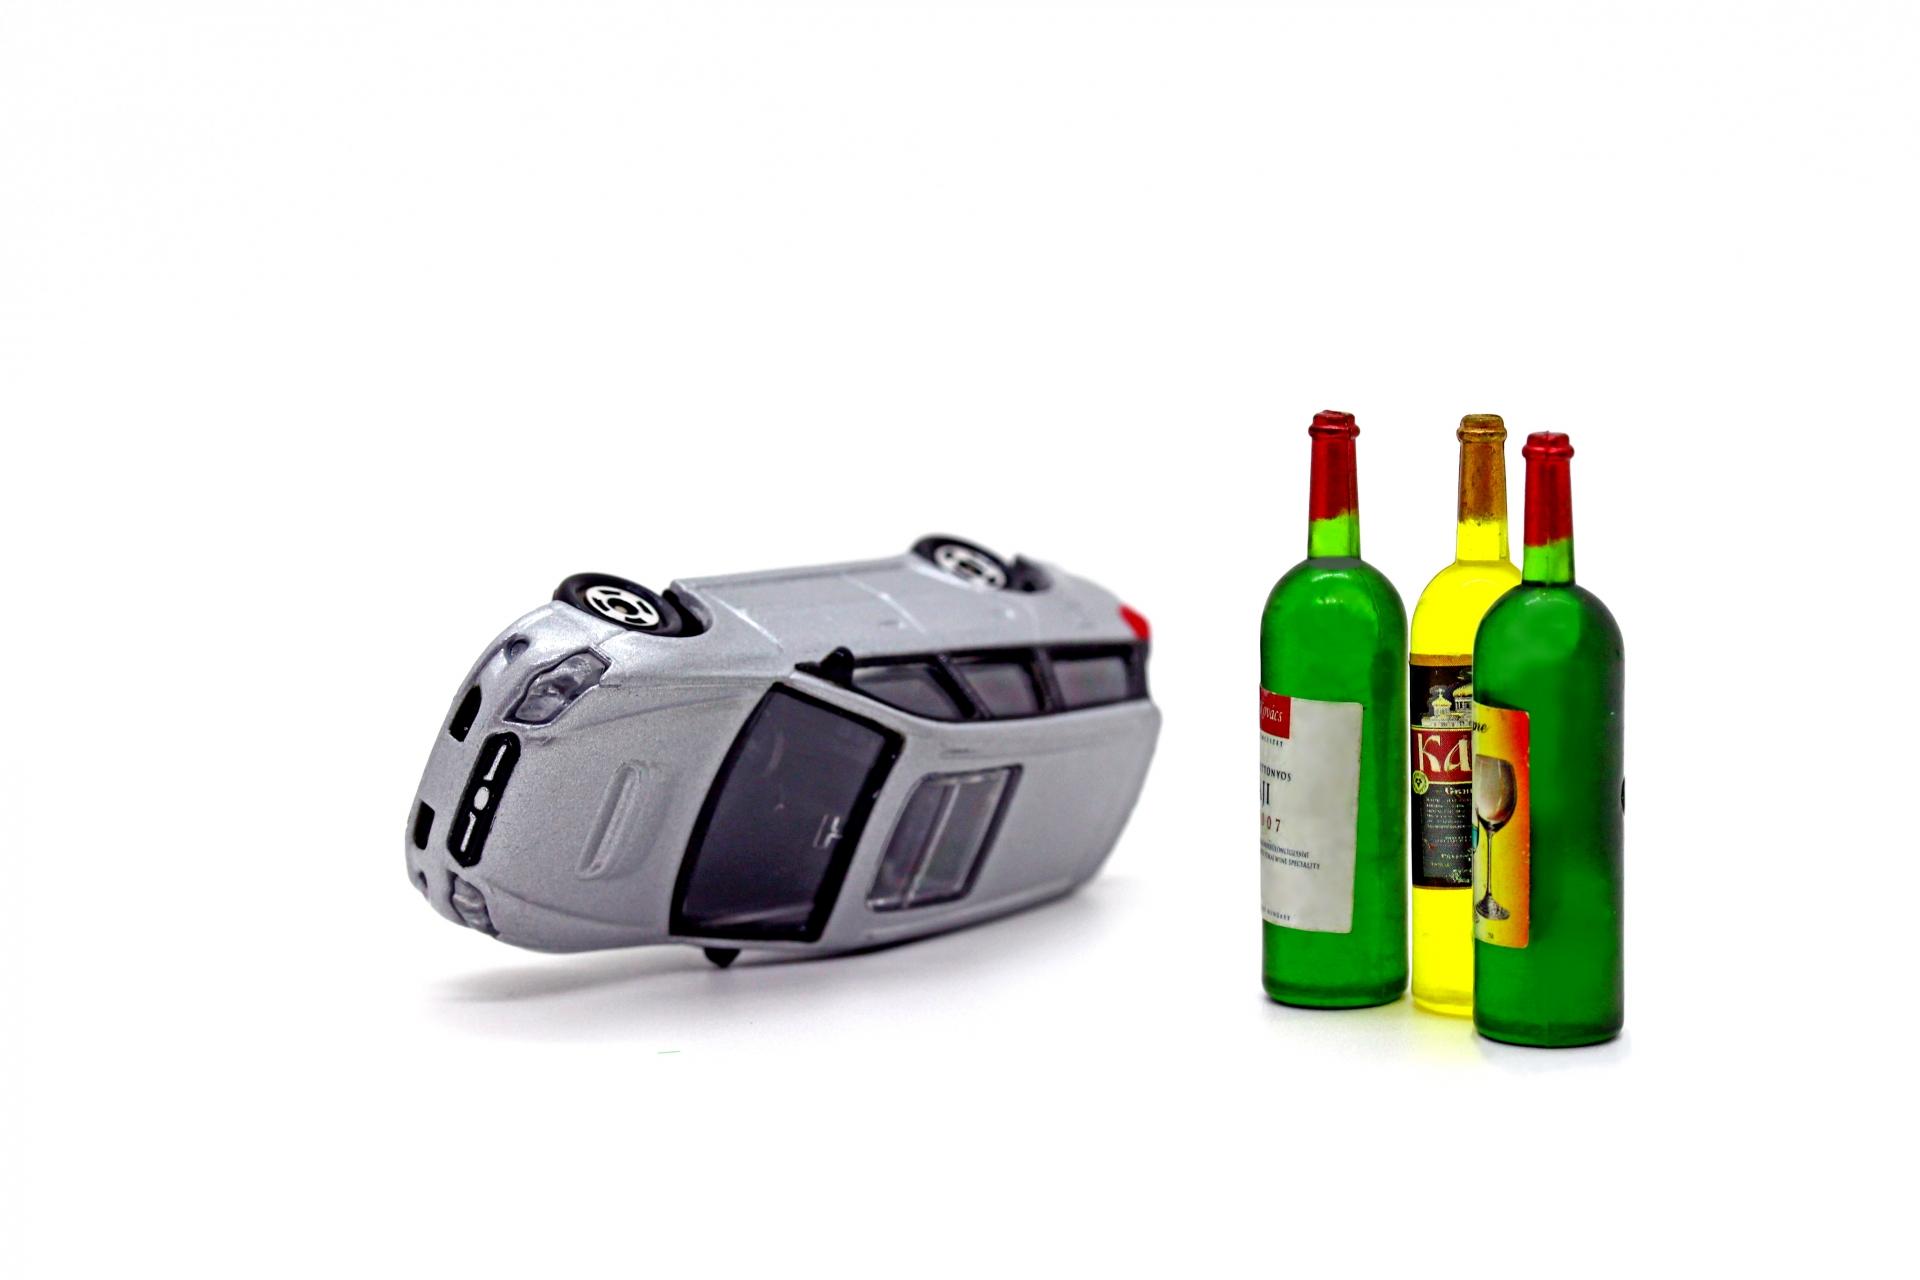 コーレーグースのアルコール分が心配!飲酒運転になってしまうの?